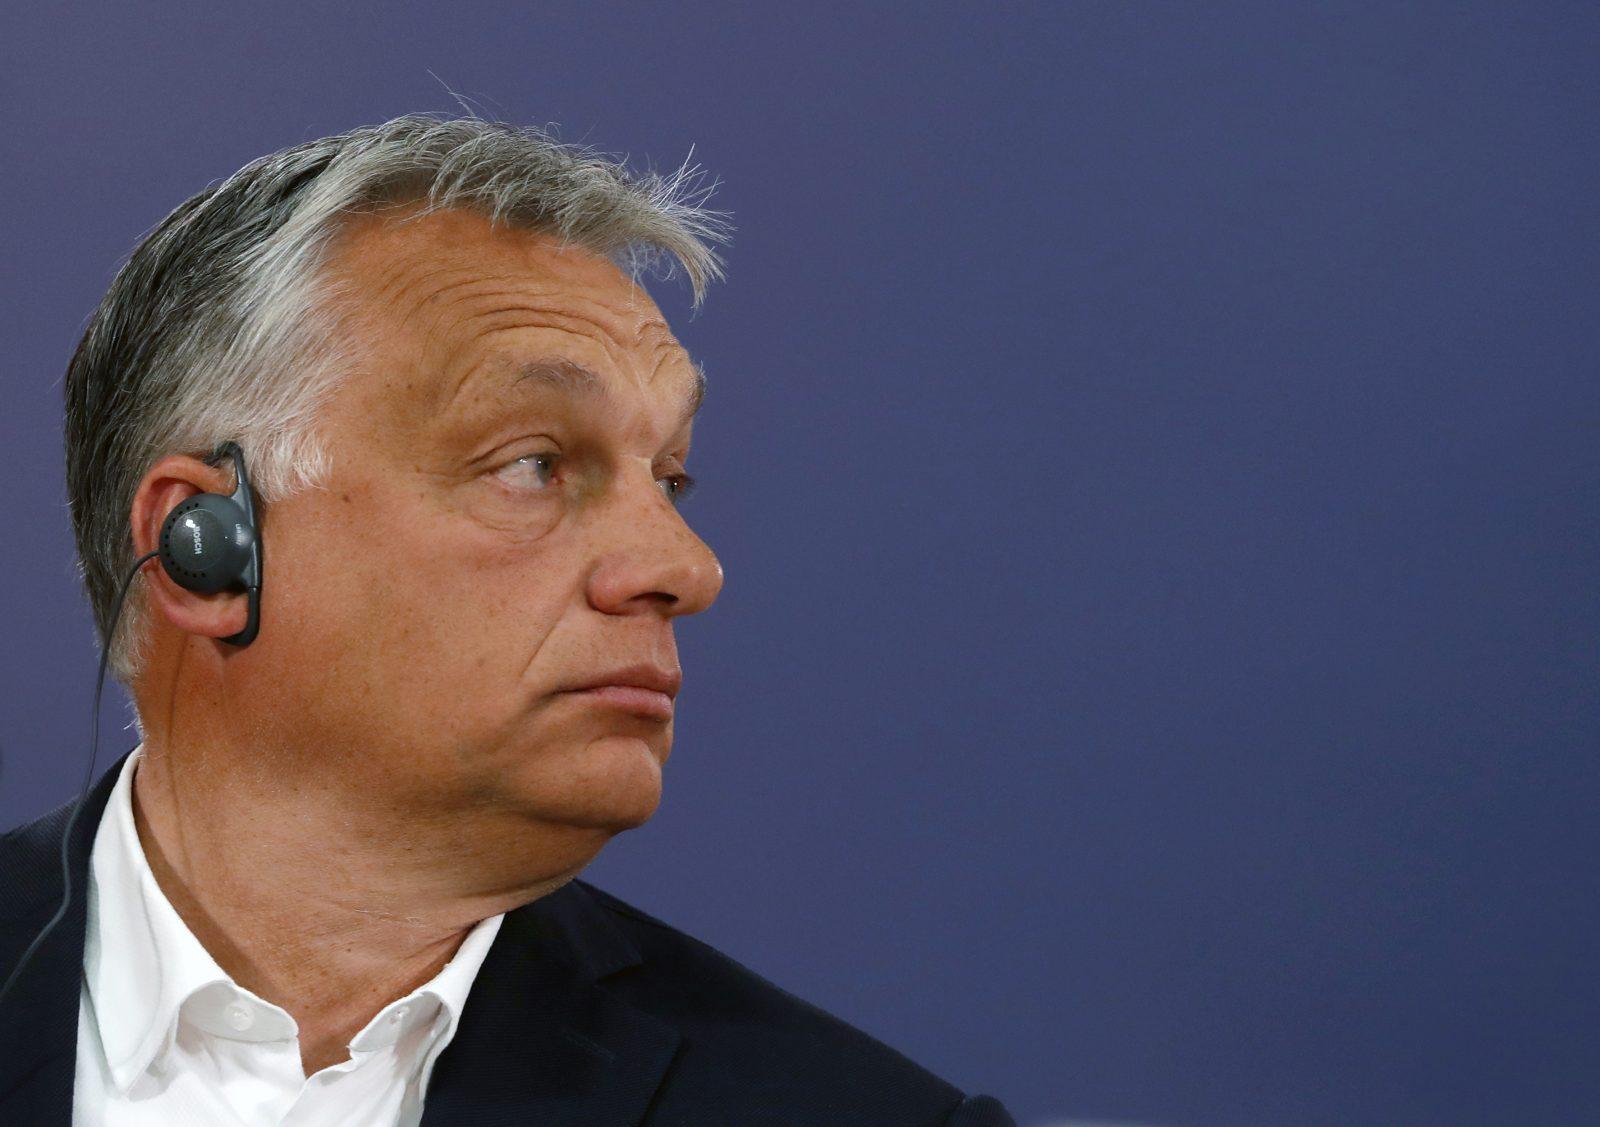 Das Urteil richtet sich gegen die NGO-Maßnahmen von Ungarns Ministerpräsident Viktor Orbán Foto: picture alliance / AP Photo